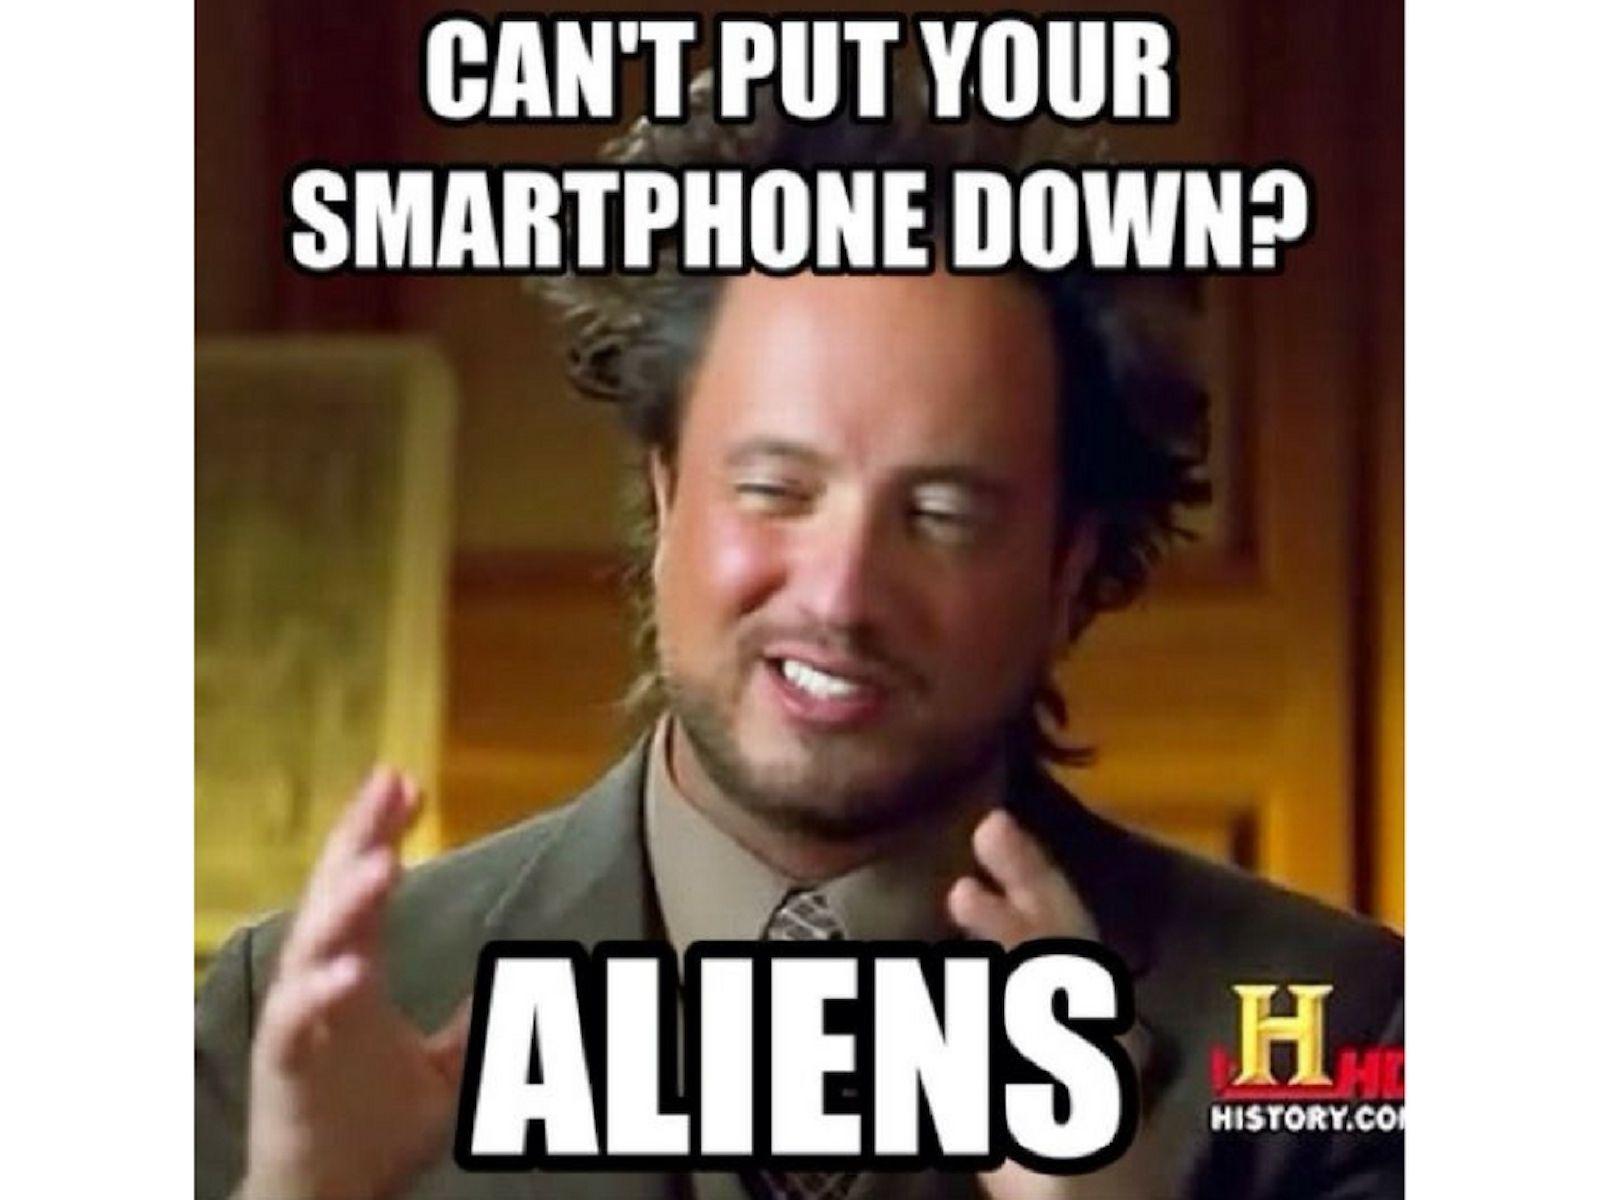 Aliens Meme